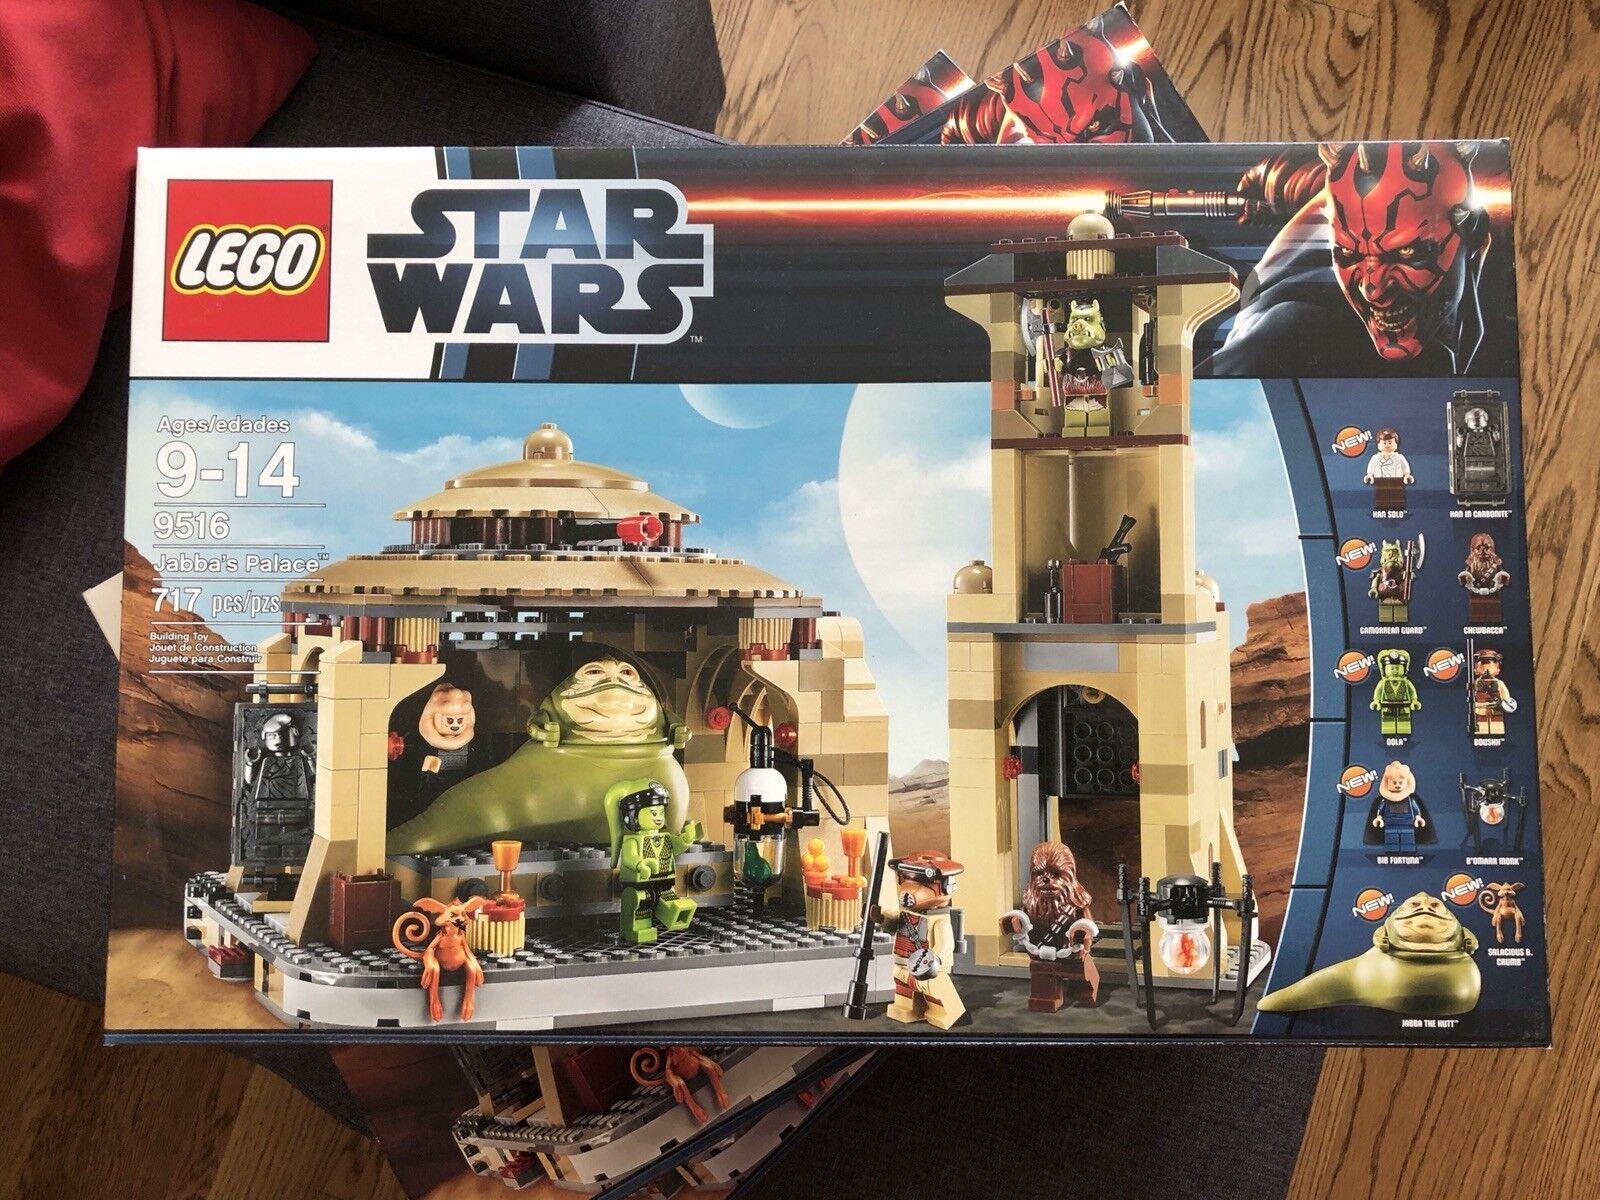 Lego Star Wars 9516 Jabba's Palace Jabba Jabbas retirado